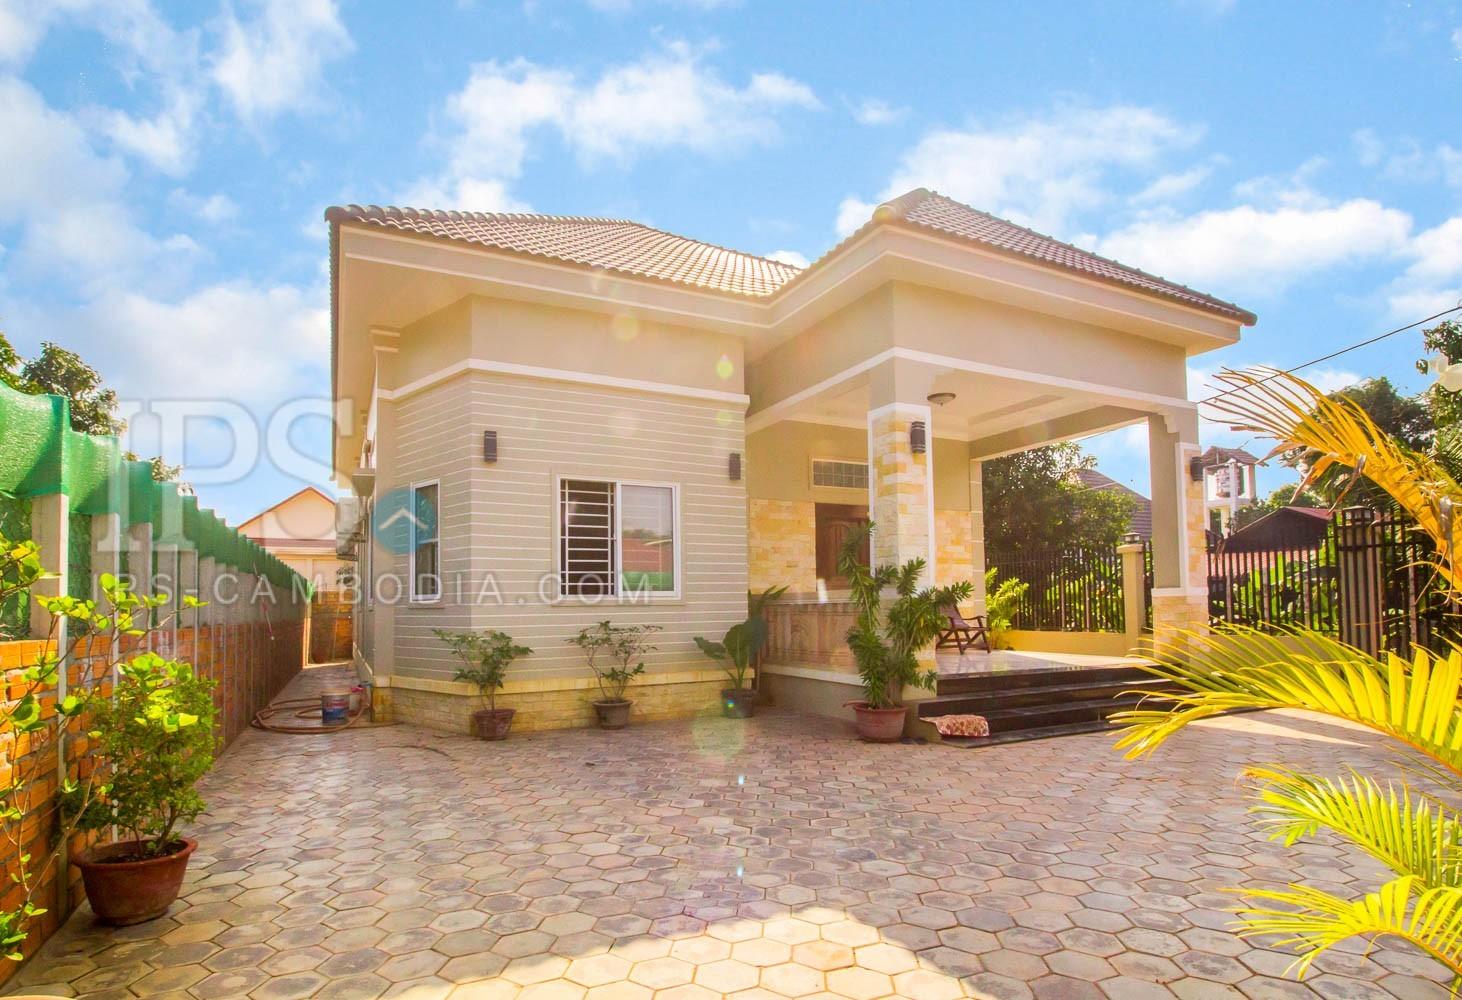 2 Bedroom Villa For Rent - Slor Kram, Siem Reap